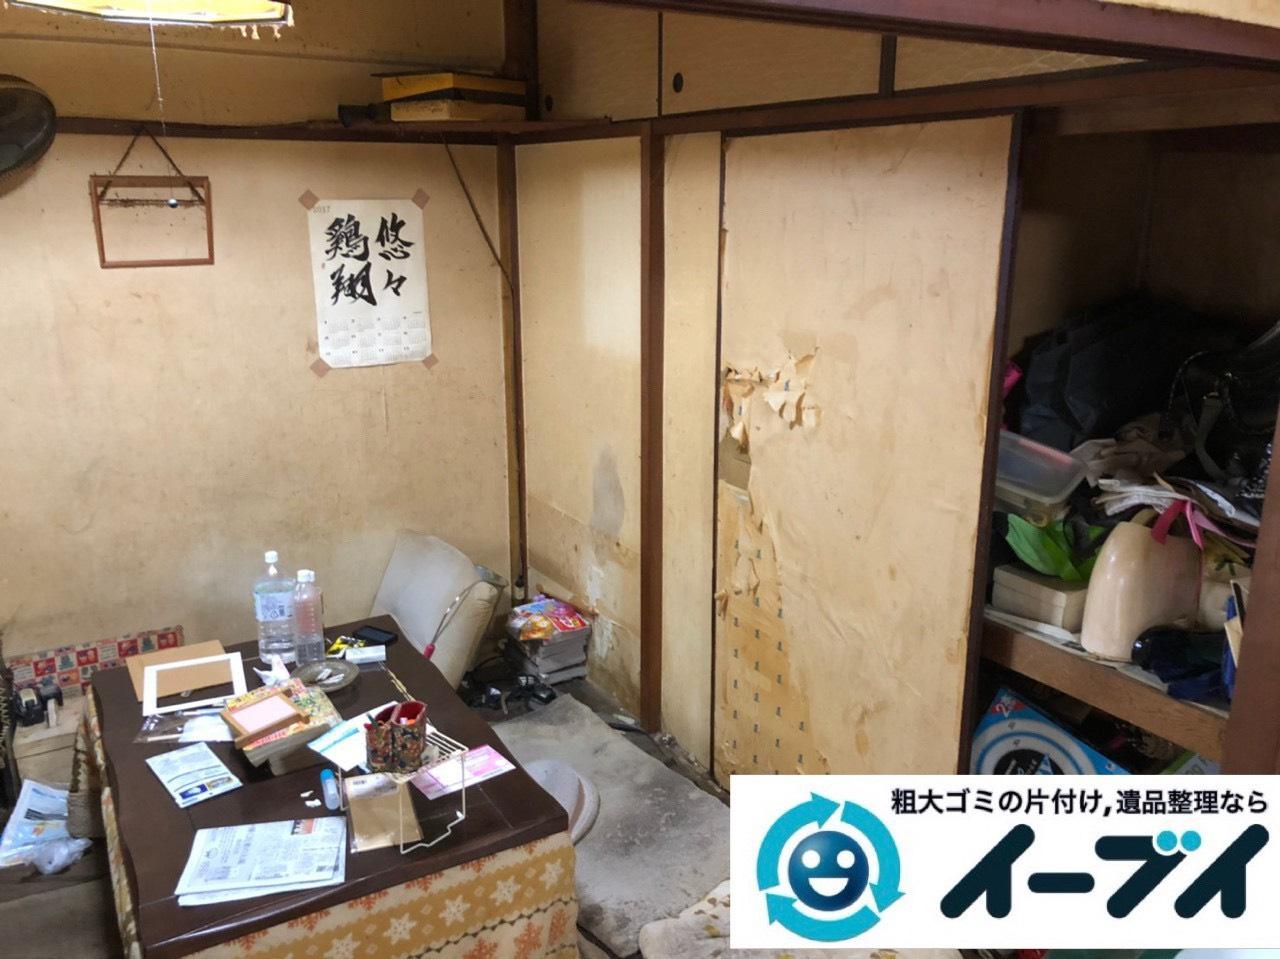 2019年7月1日大阪府大阪市西淀川区で物やゴミが散乱しゴミ屋敷一歩手前の汚部屋の片付け作業。写真4